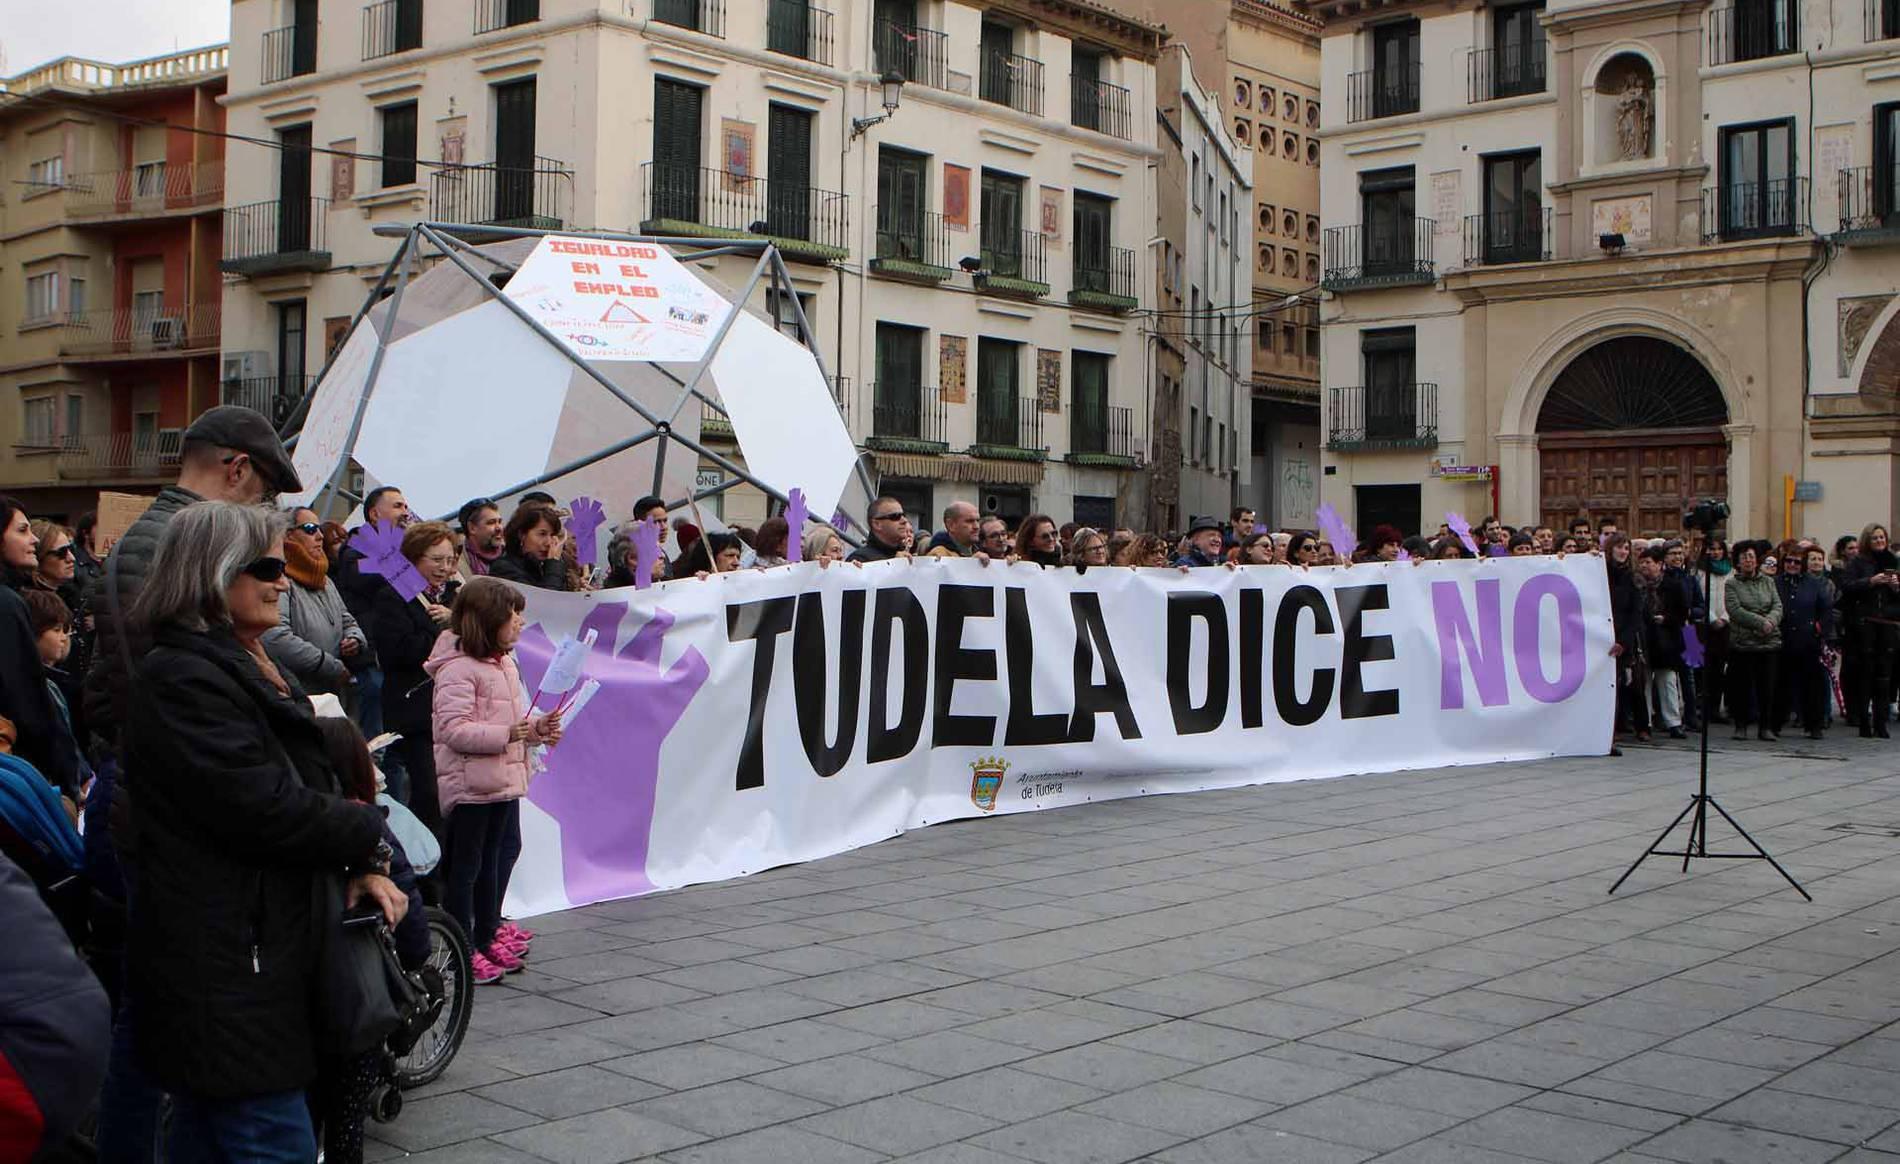 La Ribera se manifiesta contra la violencia de género (1/5) - Varias localidades de la Ribera navarra se sumaron al 25N-Día Internacional por la Eliminación de la Violencia contra las Mujeres - Tudela y Ribera -